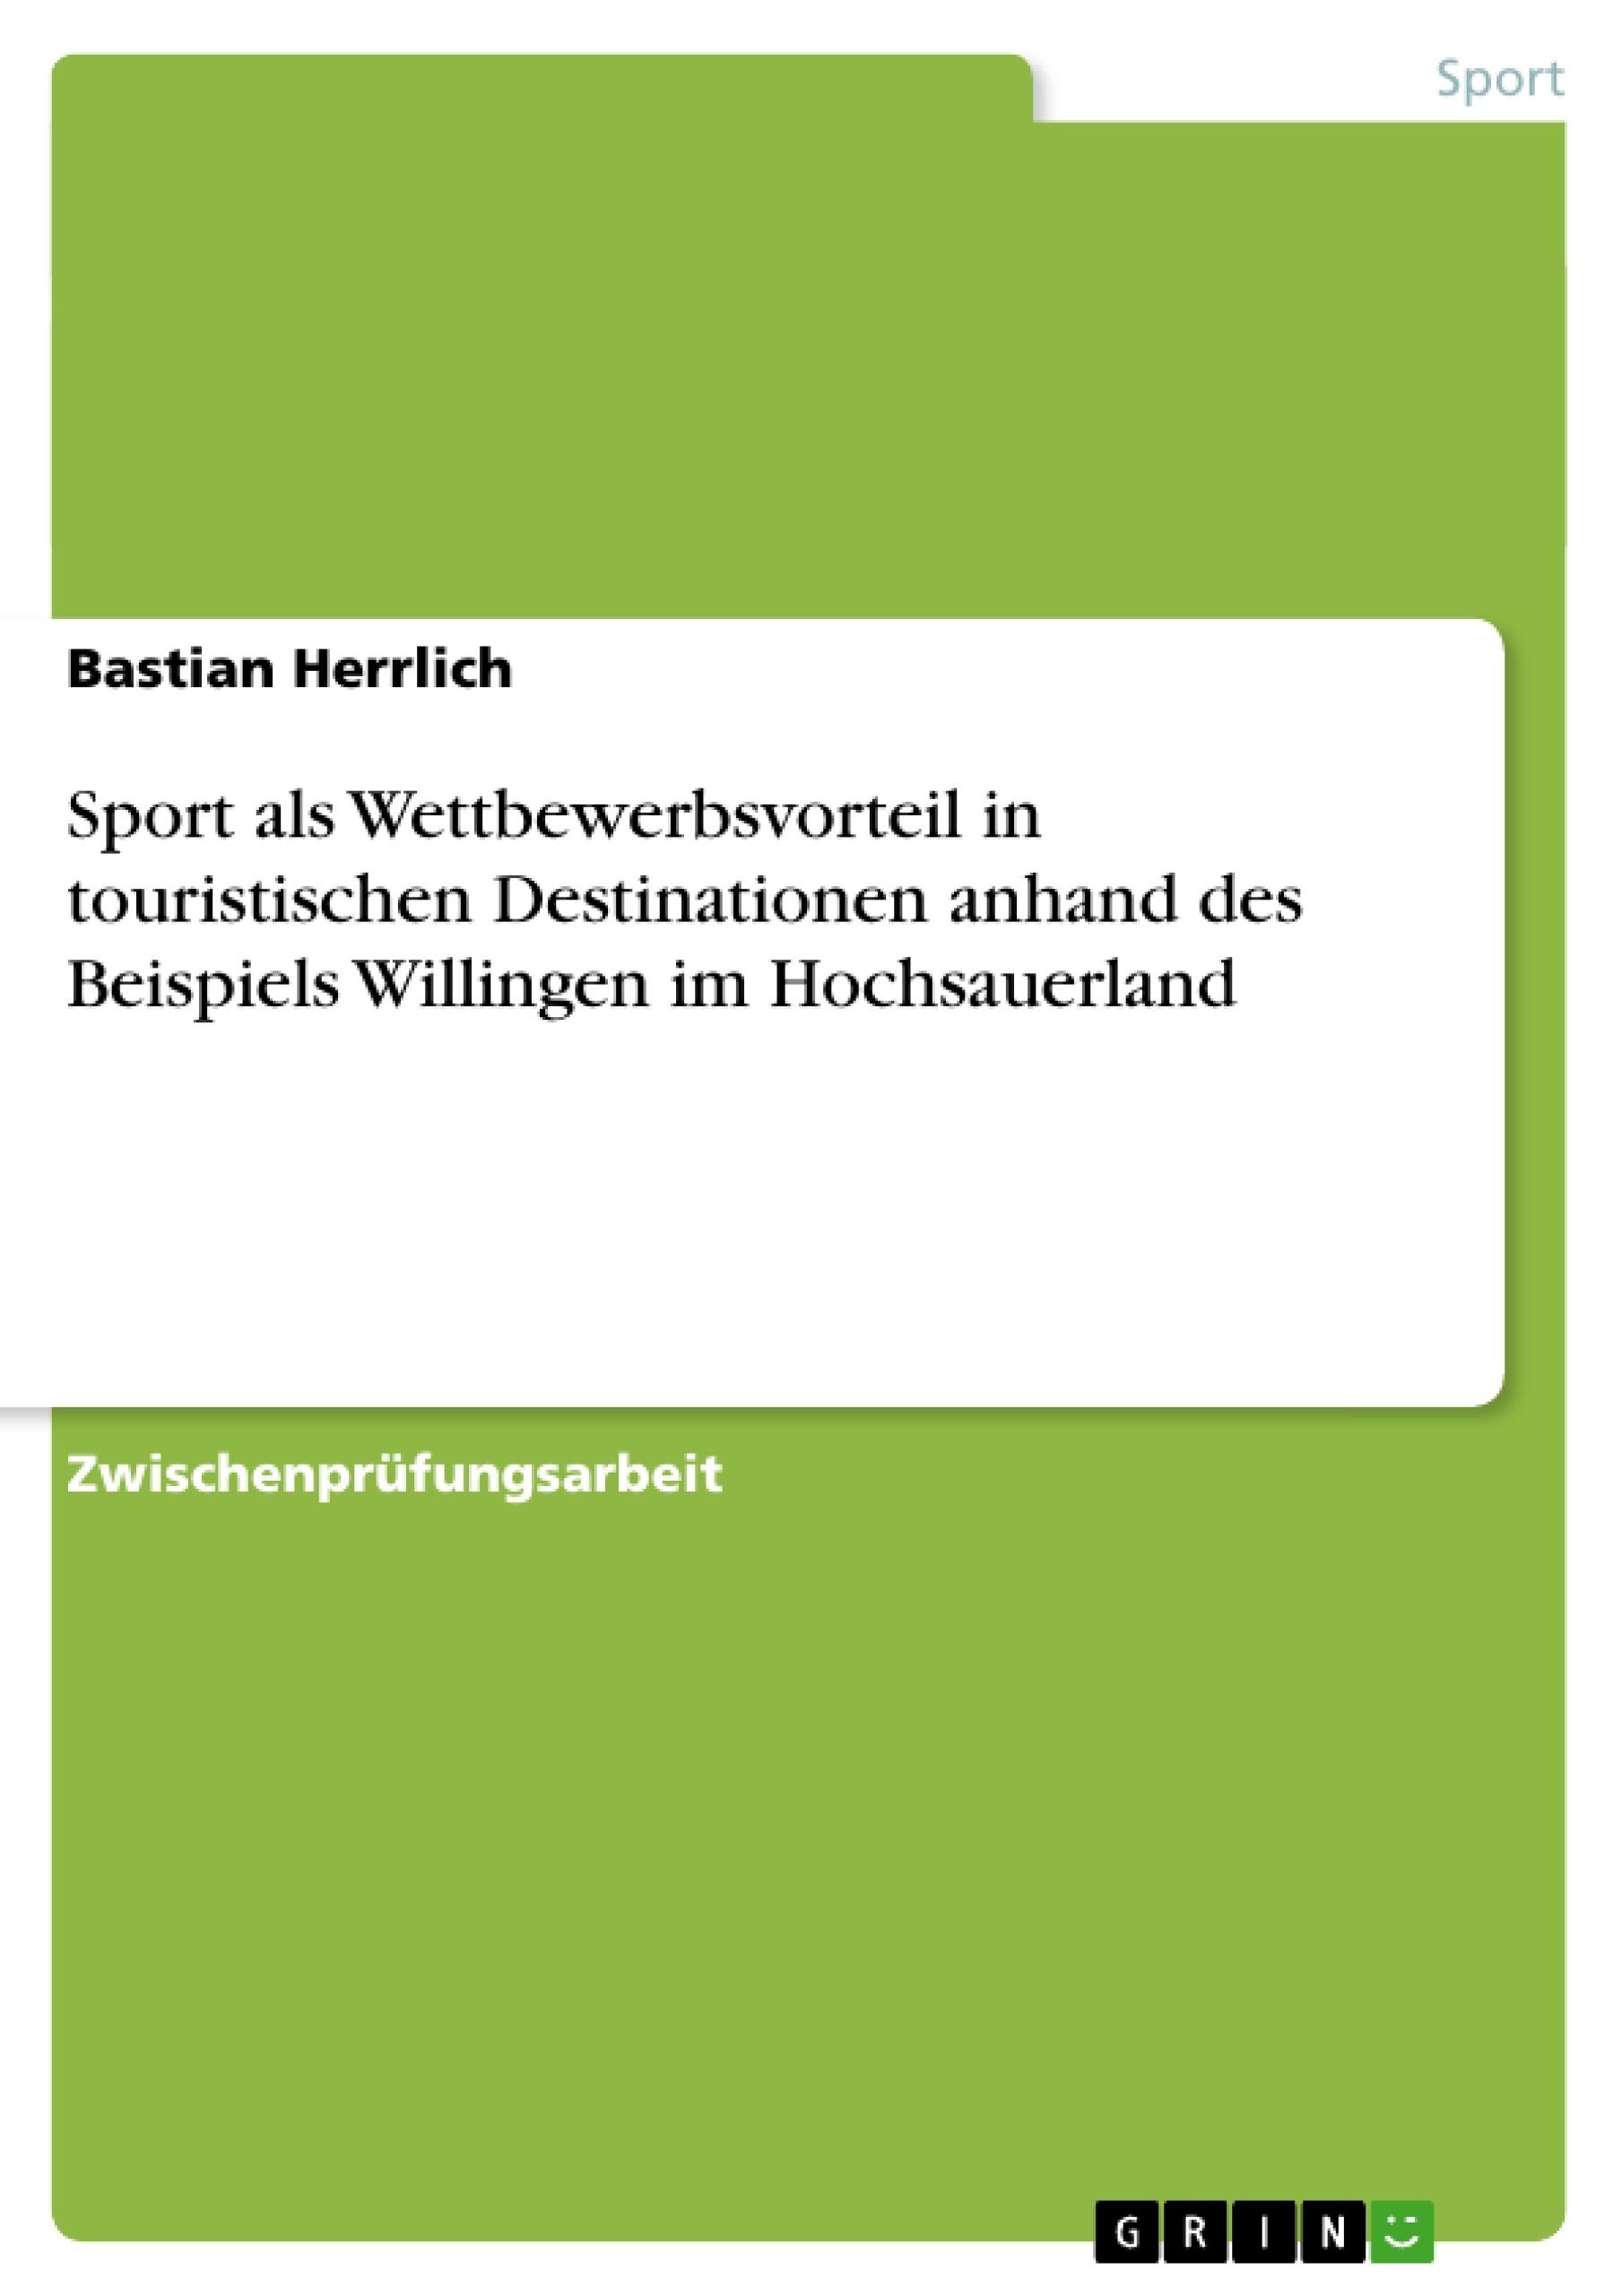 Titel: Sport als Wettbewerbsvorteil in touristischen Destinationen anhand des Beispiels Willingen im Hochsauerland